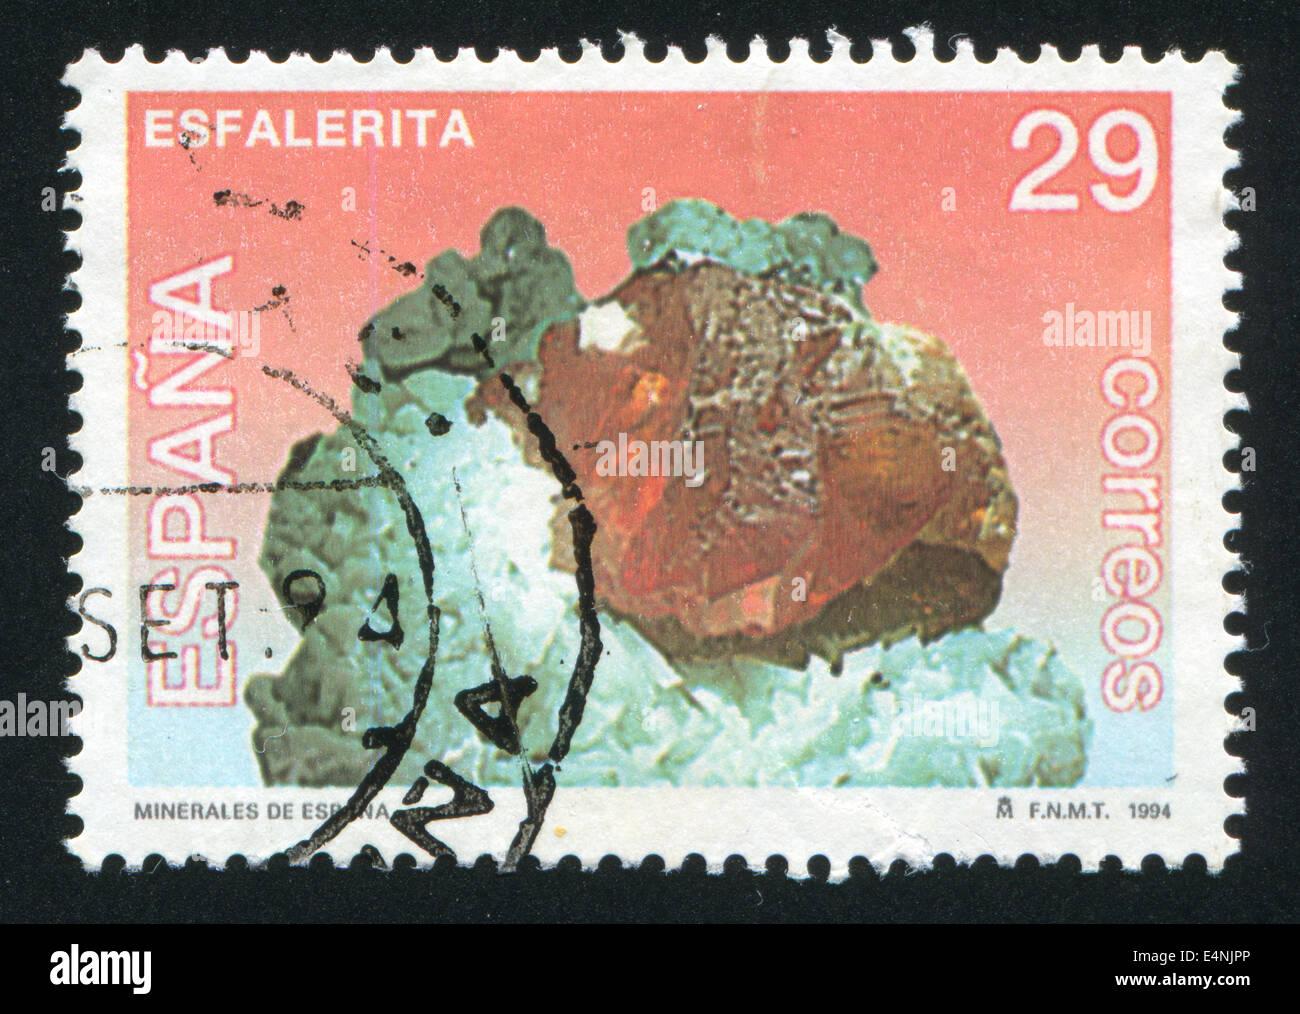 Sphalerite - Stock Image